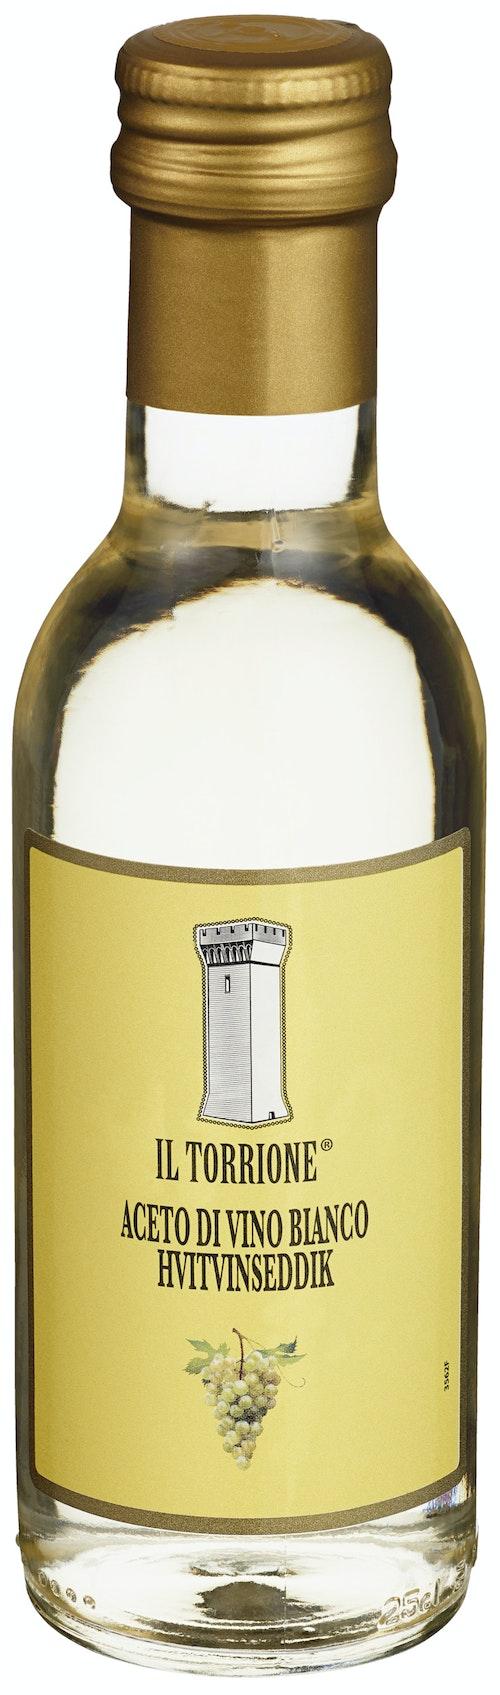 Il Torrione Hvitvinseddik 250 ml